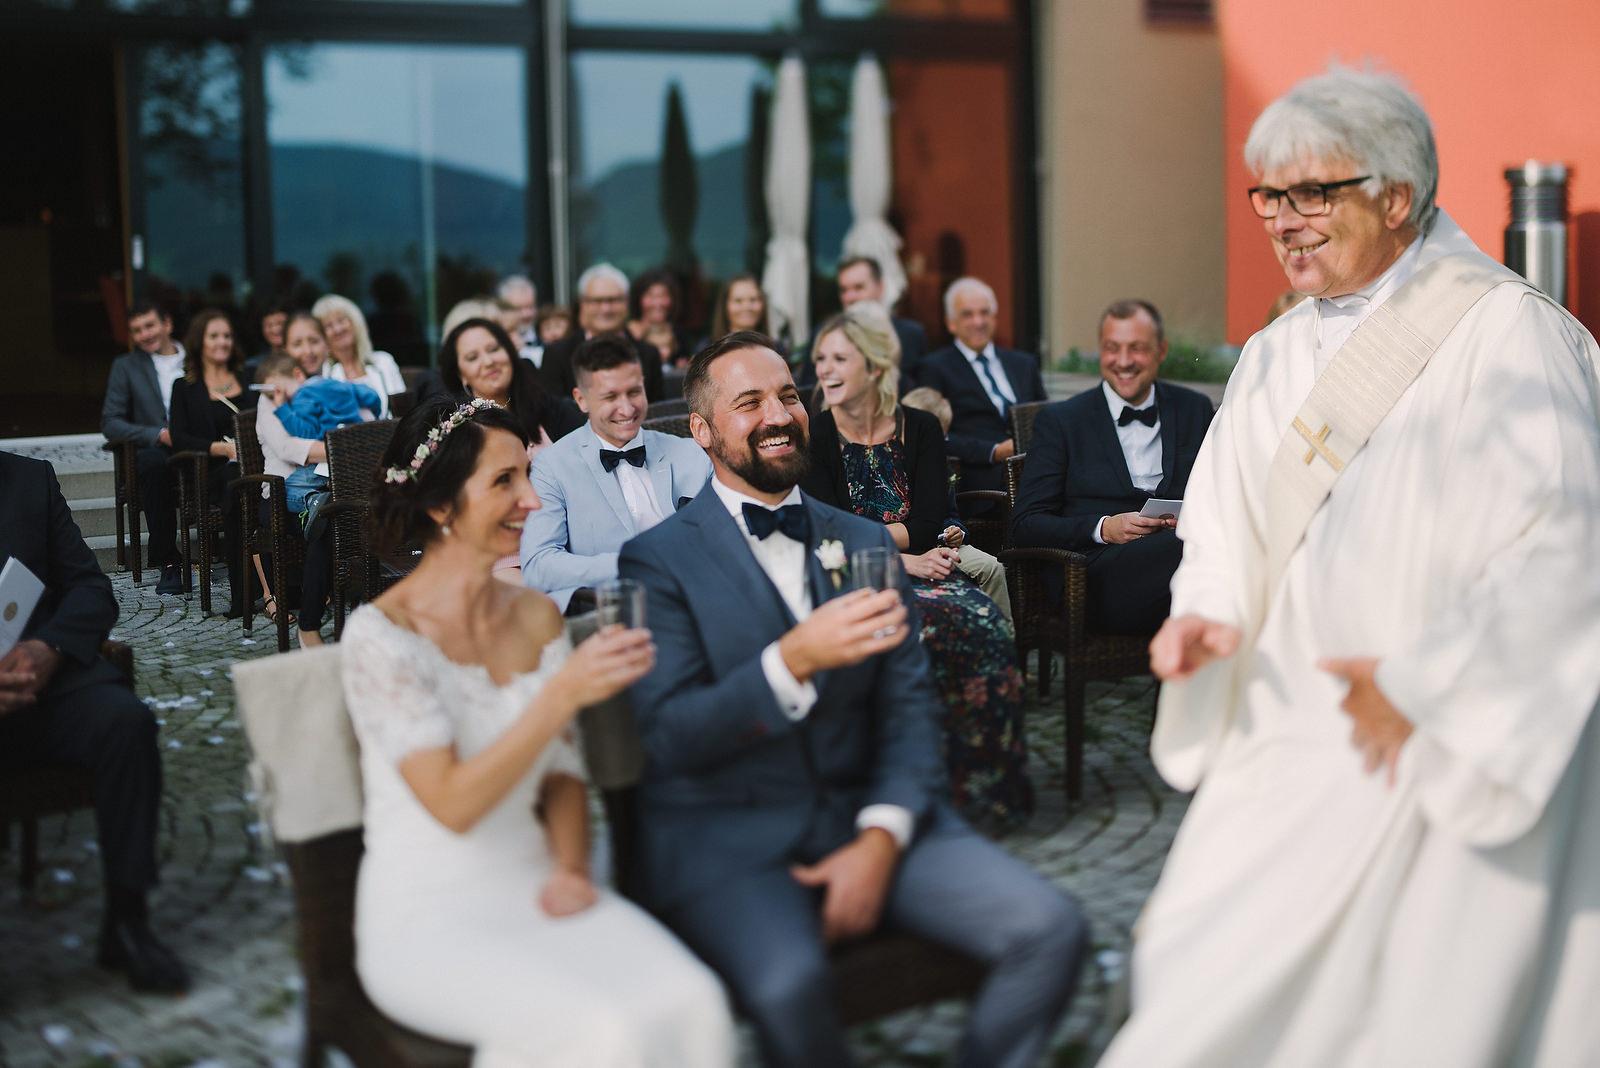 Fotograf Konstanz - Hochzeitsfotograf Reutlingen Achalm Hochzeit EFP 46 - Documentary wedding story on the Achalm, Reutlingen  - 37 -